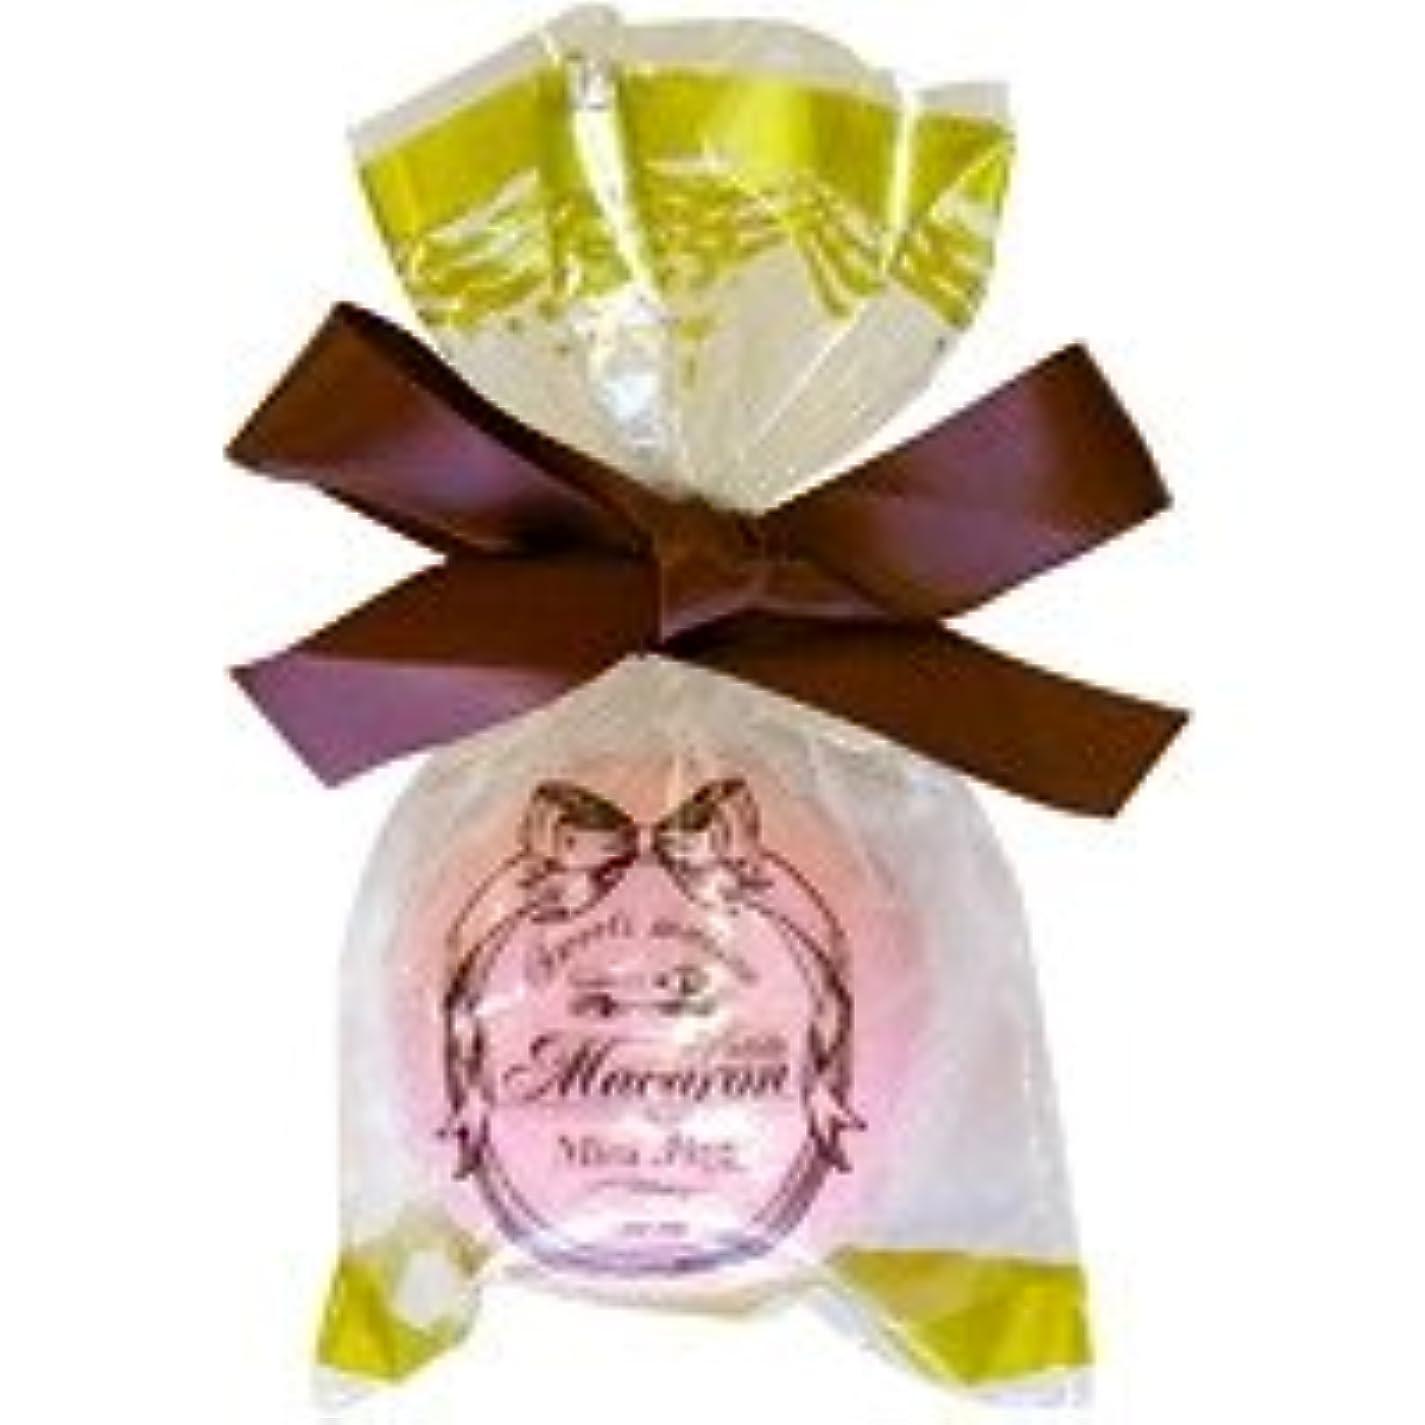 除外する財政溶けたスウィーツメゾン プチマカロンフィズ「ピンク」12個セット 甘酸っぱいラズベリーの香り